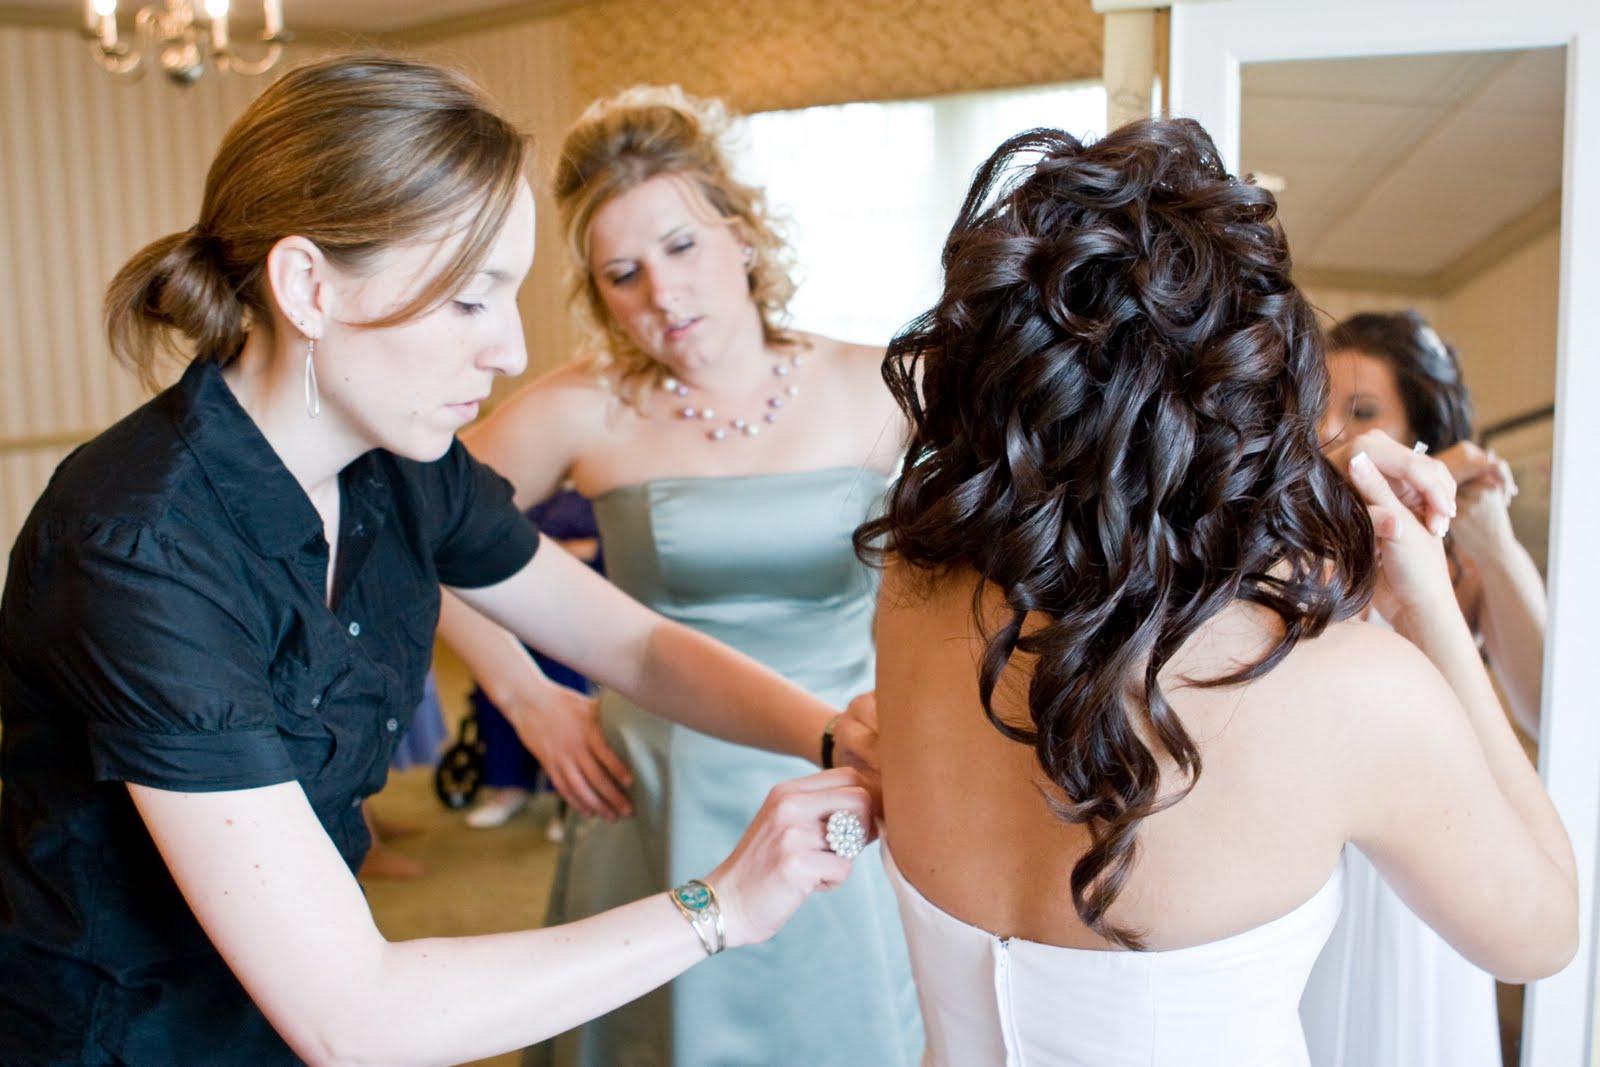 hardin county wedding news: kountze stylist karry craus helps